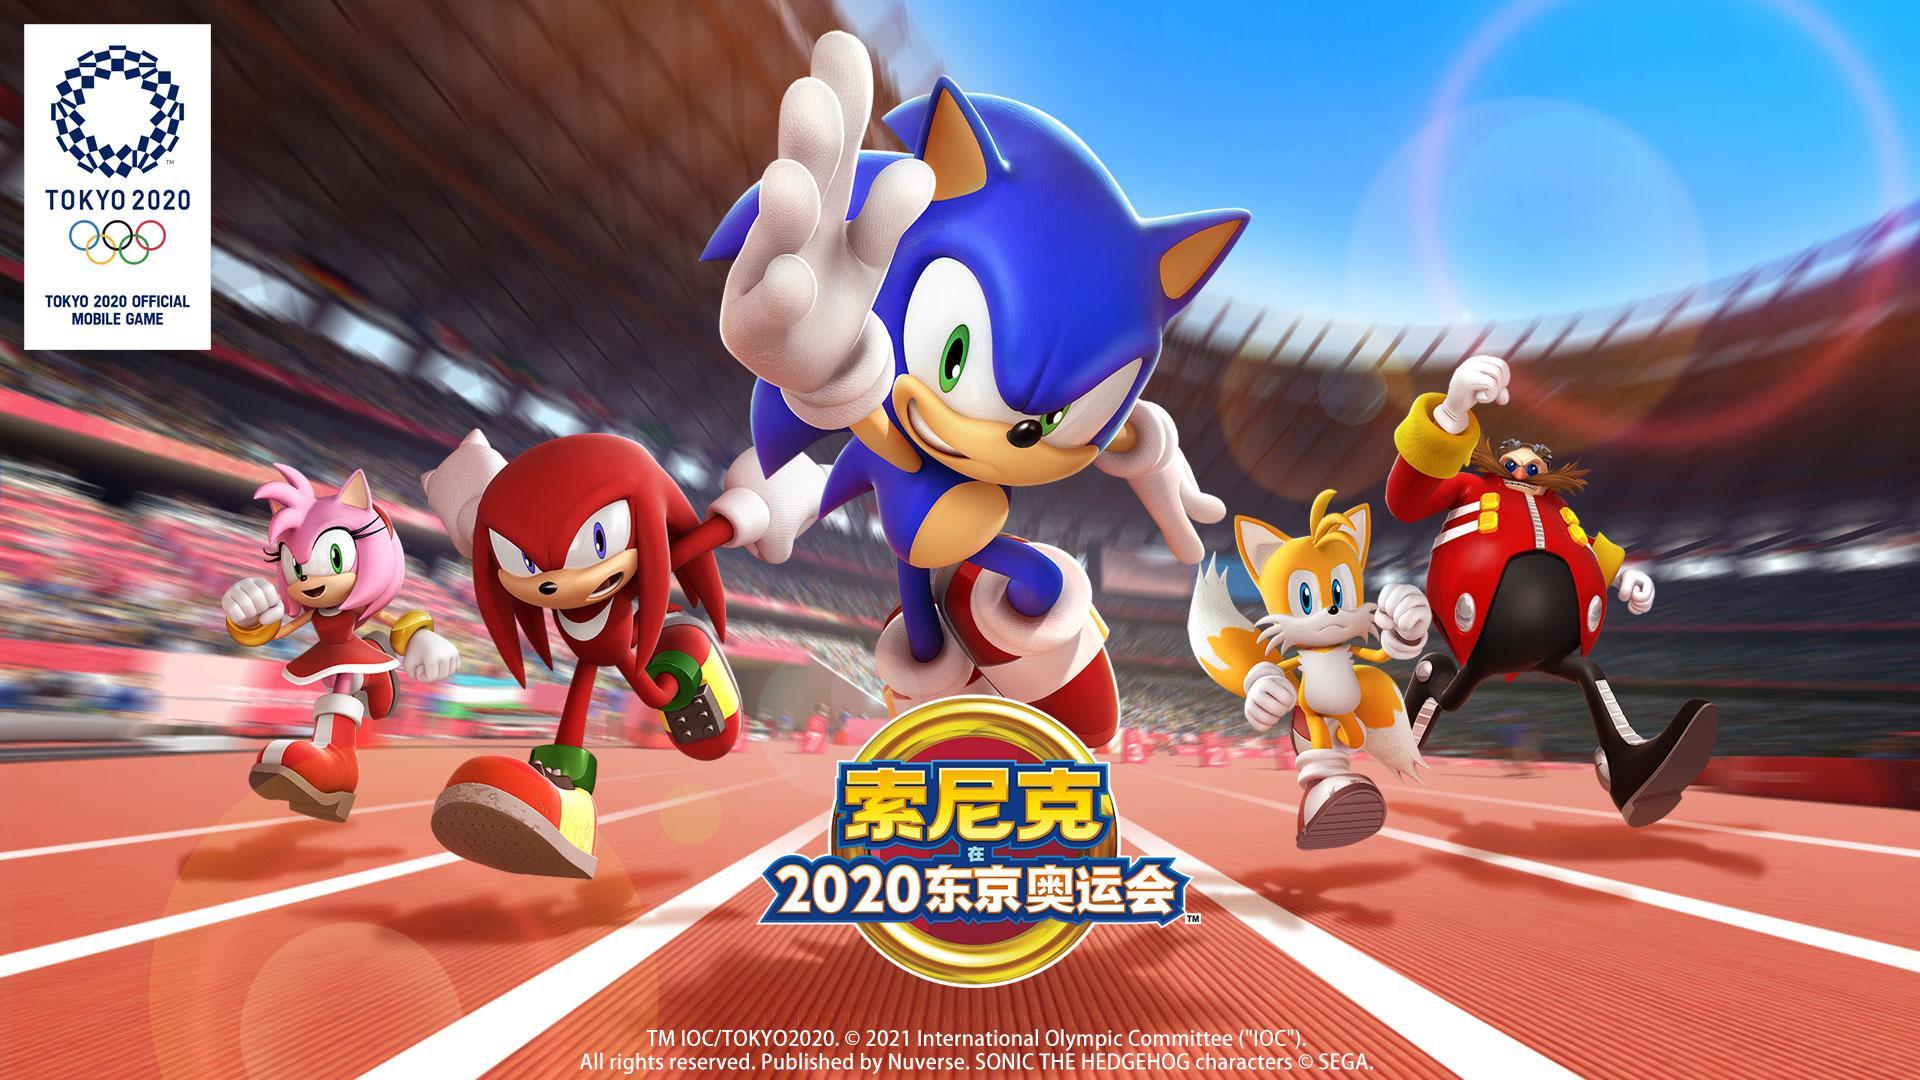 朝夕光年独家代理,奥运会官方唯一授权手游正式上线-Gamewower